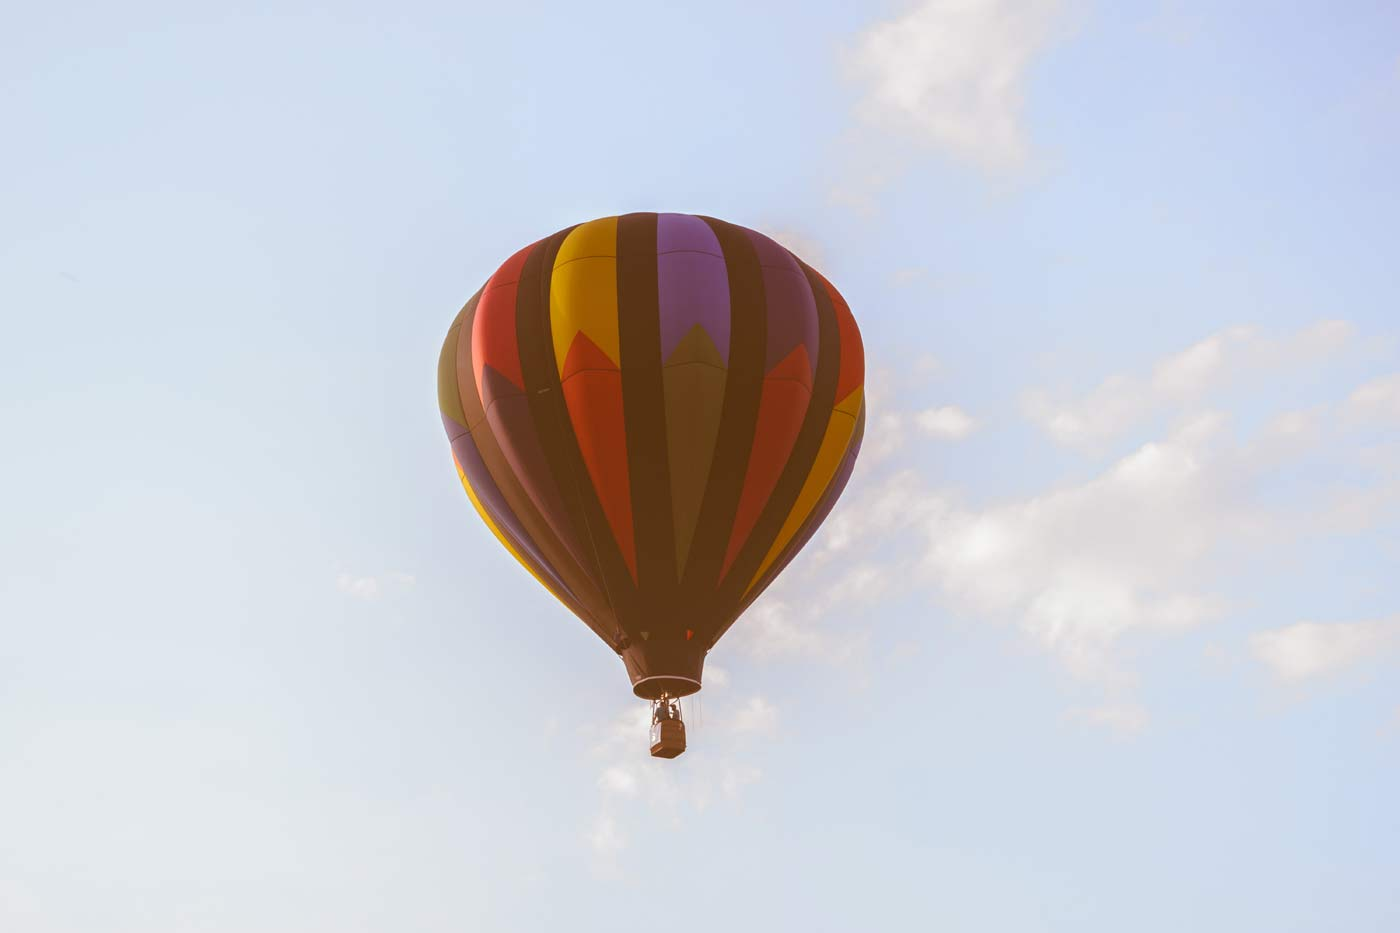 Lot balonem to świetny pomysł na prezent dla kogoś kto ma już wszystko.